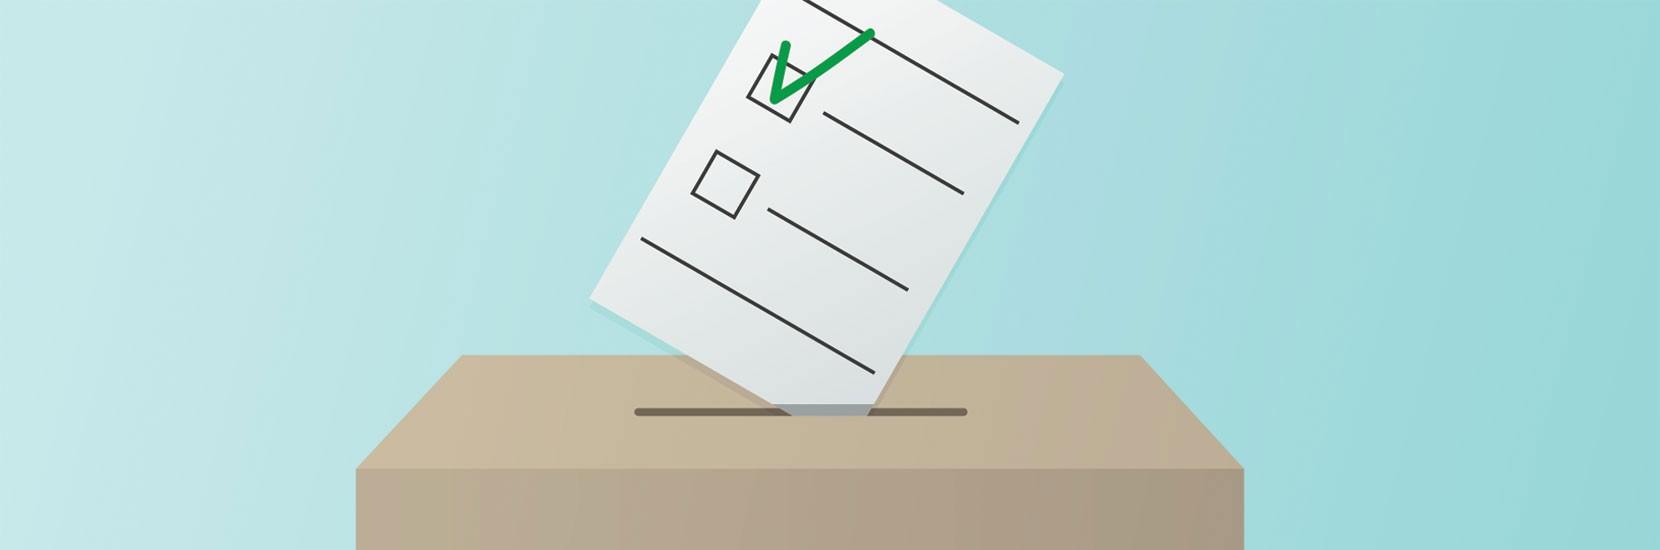 Seçim Günlüğü (30 Nisan 2018) - Seçim ittifakı süreci başladı